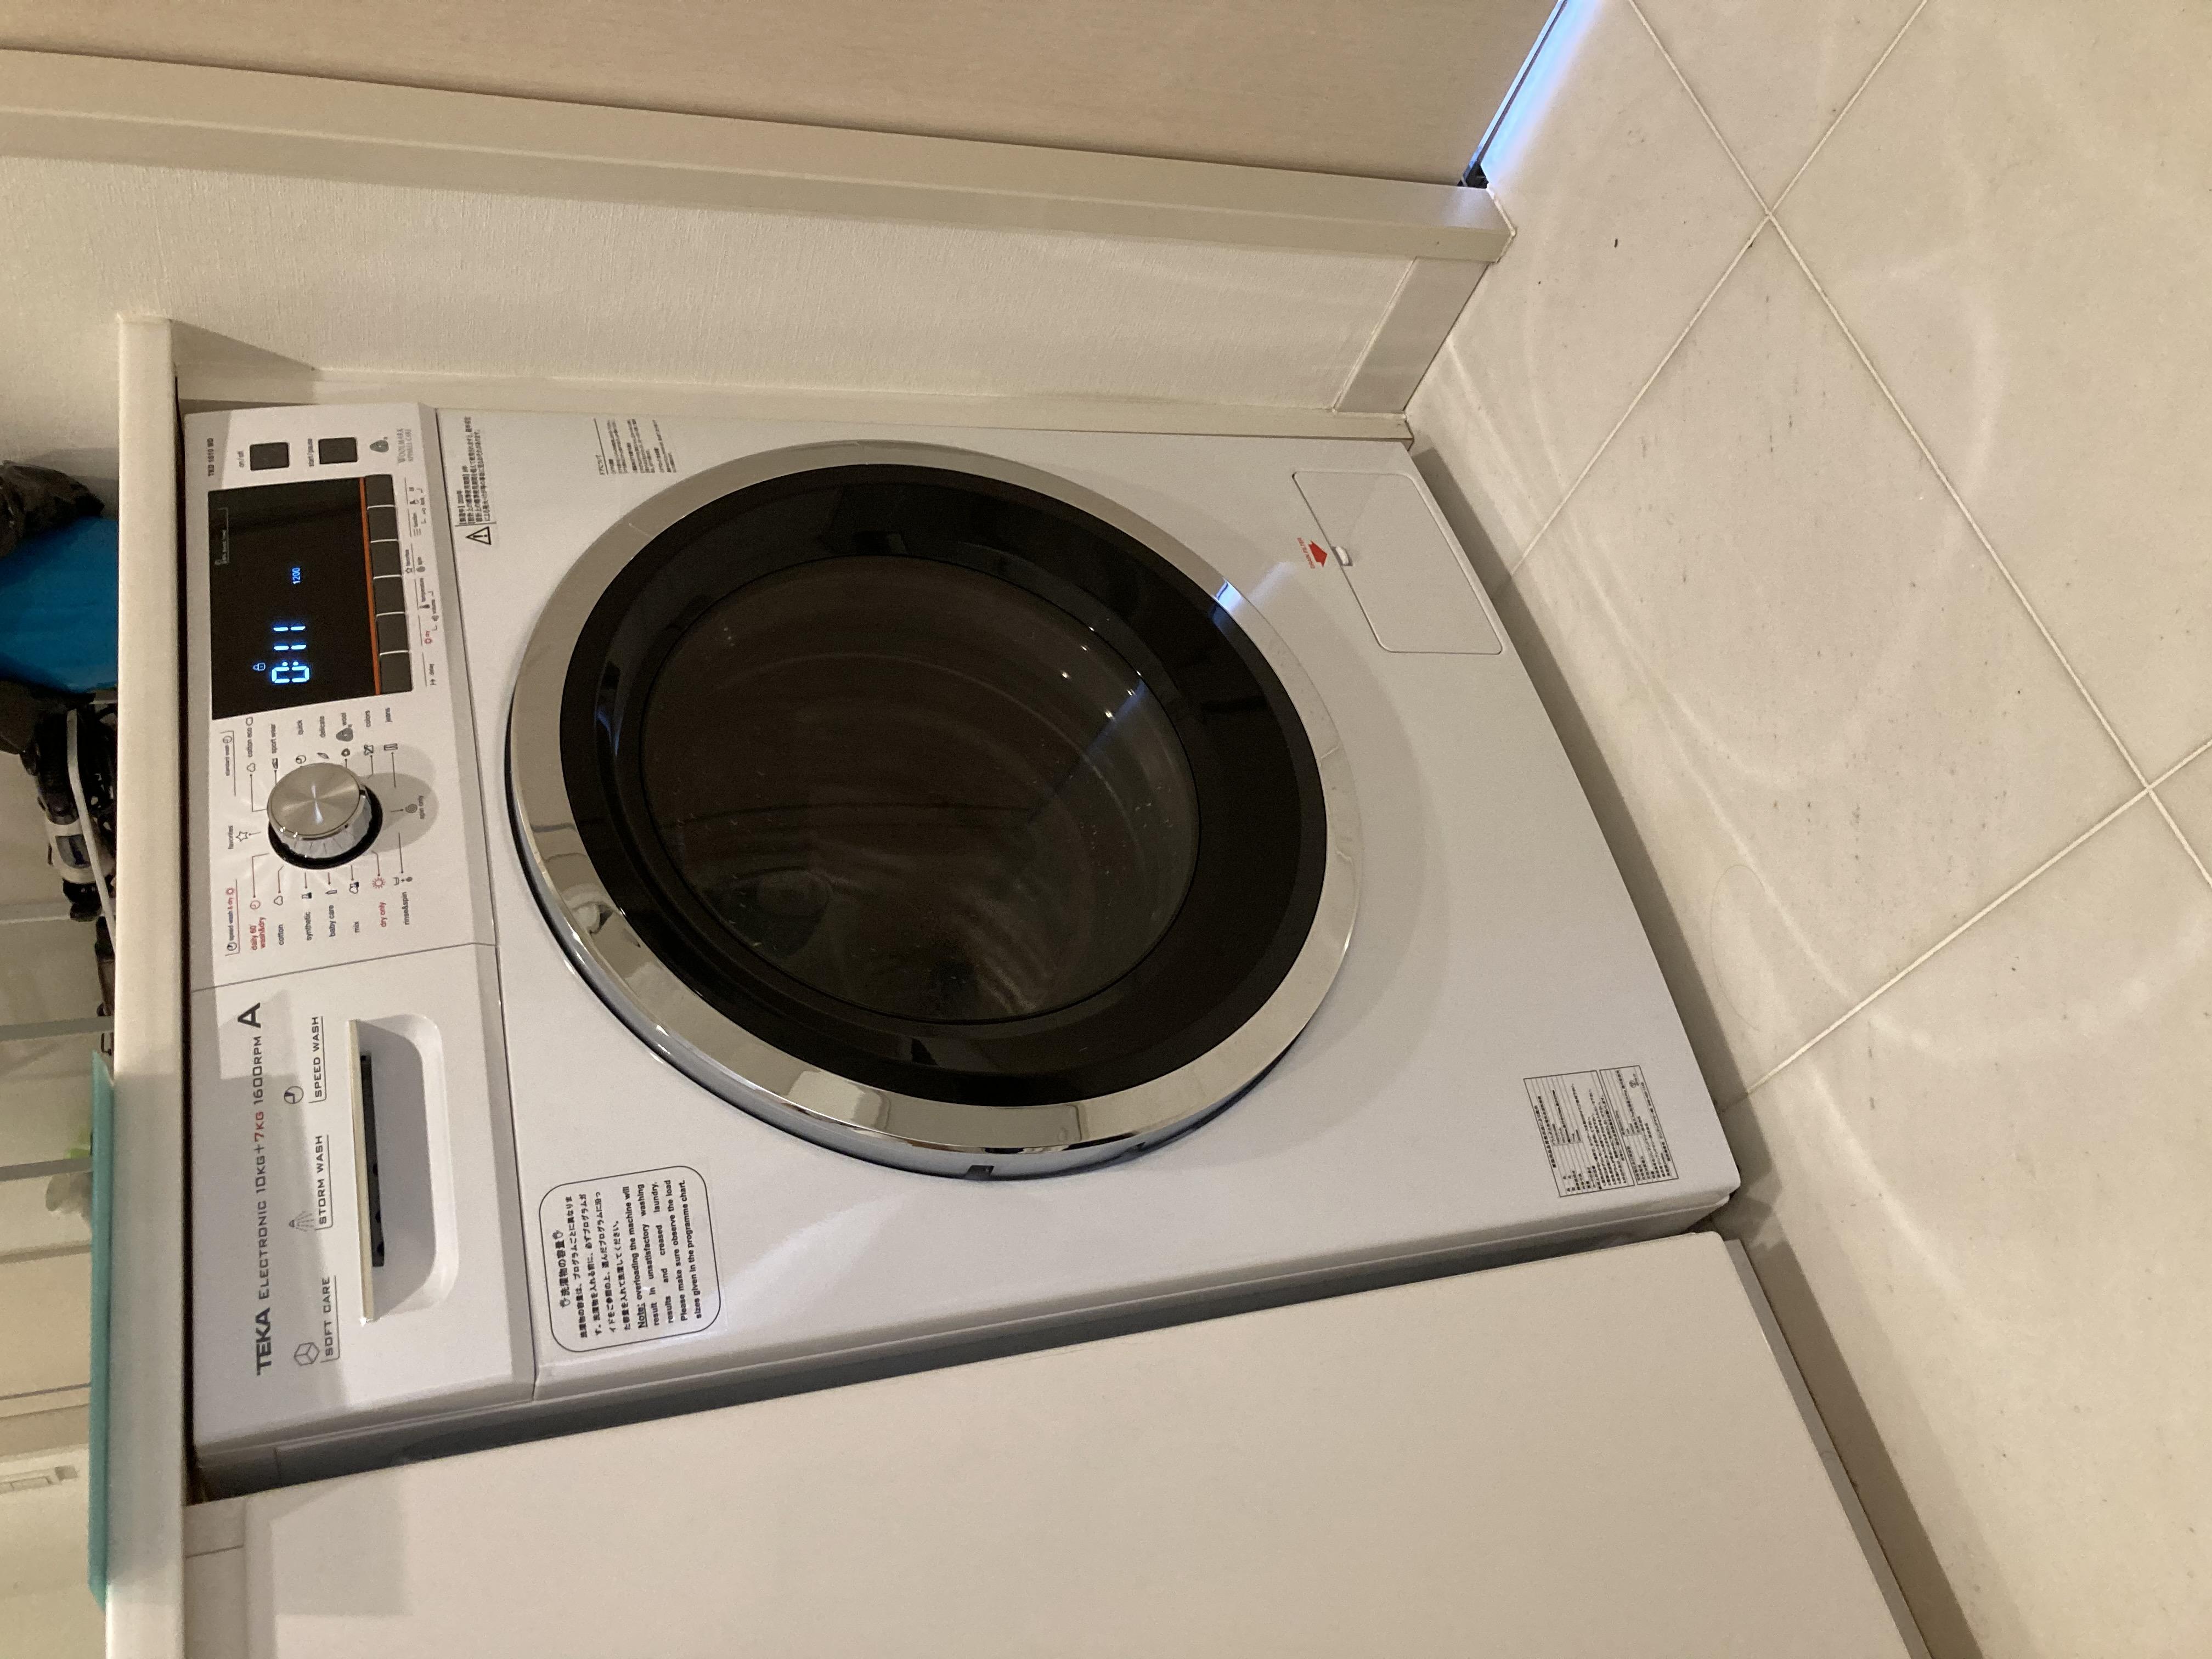 2020/08/27 東京都新宿区 LGの洗濯乾燥機からTEKAの洗濯乾燥機(TKD1610WD)への交換工事